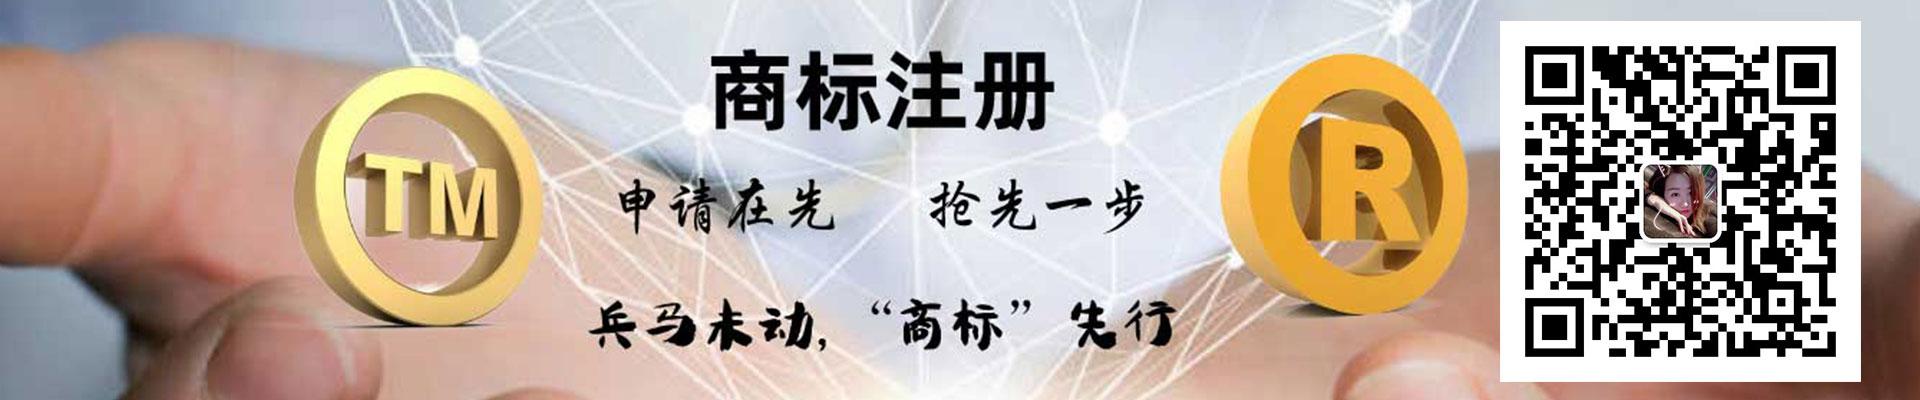 海南商标注册优质服务商